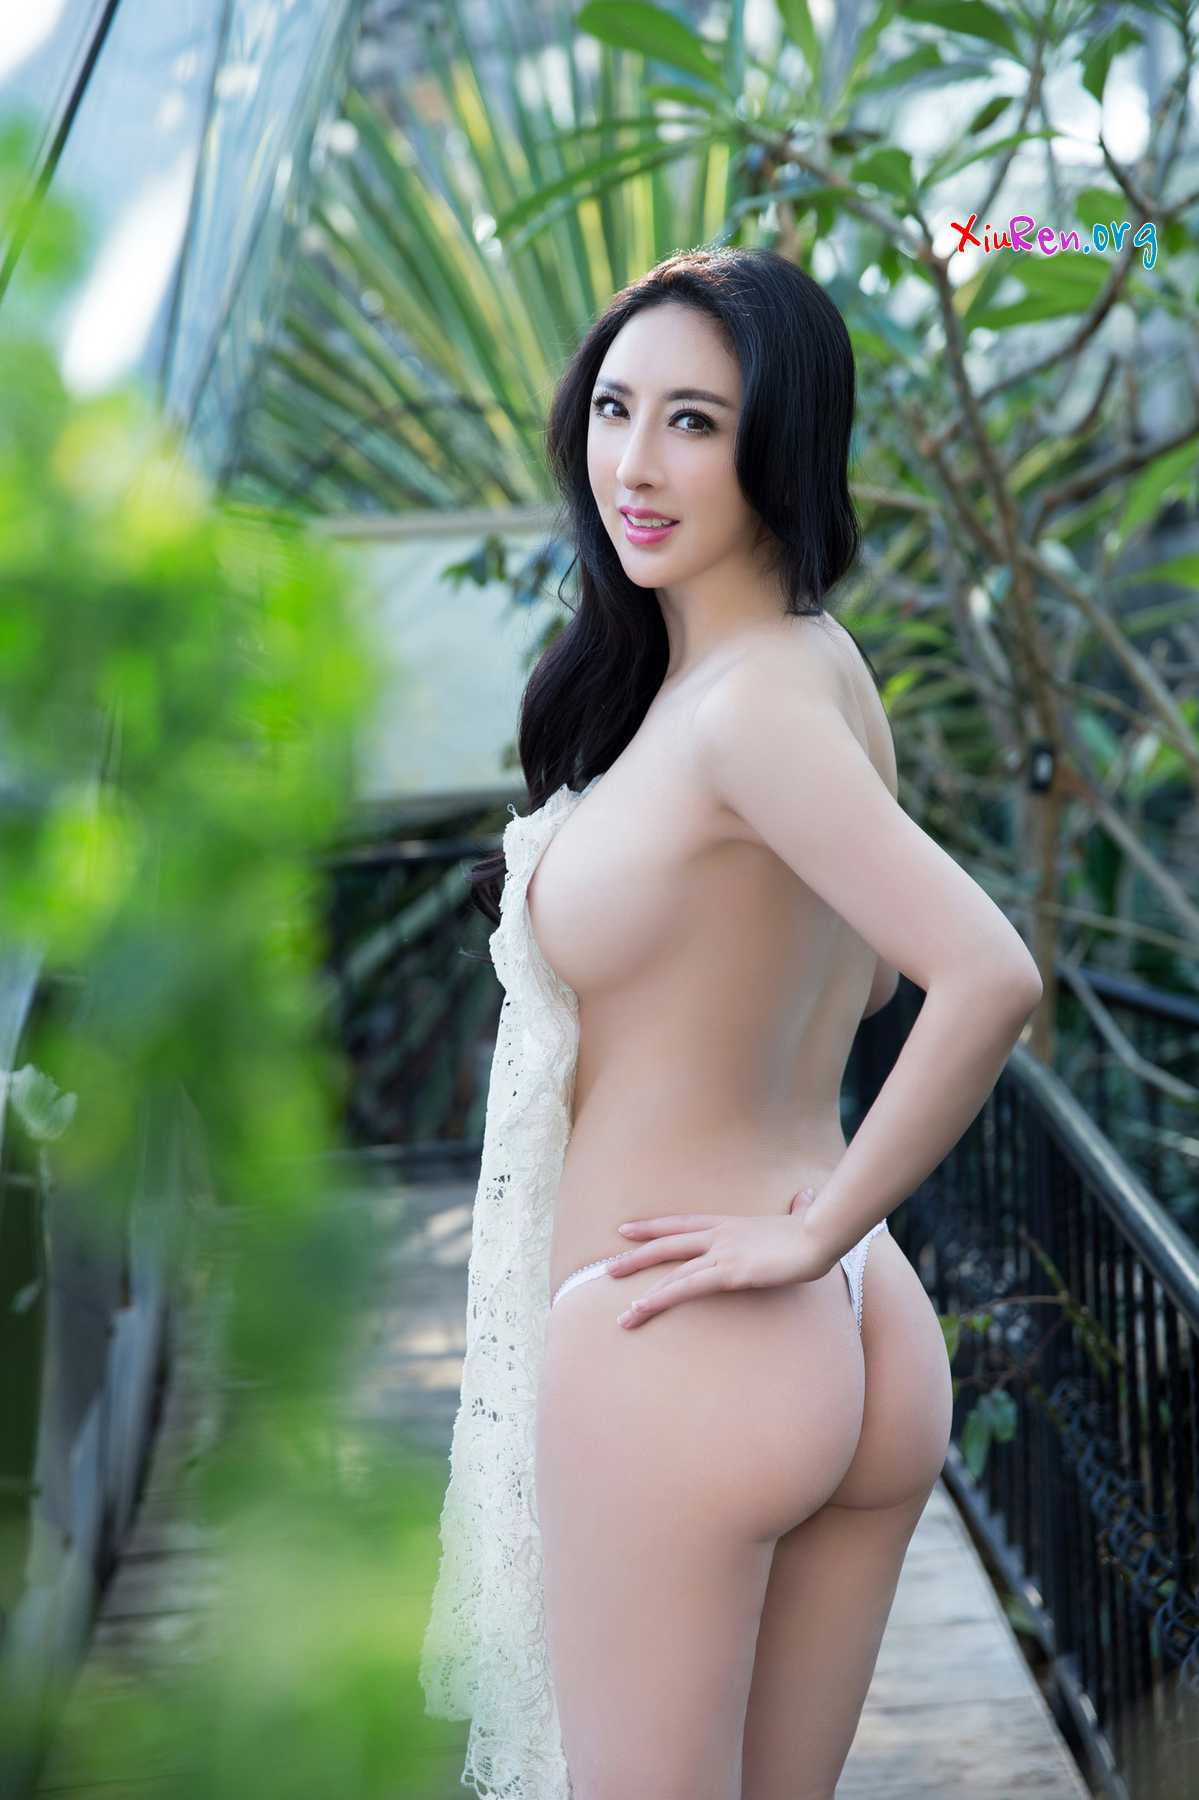 tuigirl no 024 idol18x blogspot   free xiuren ugirls tgod mygirl